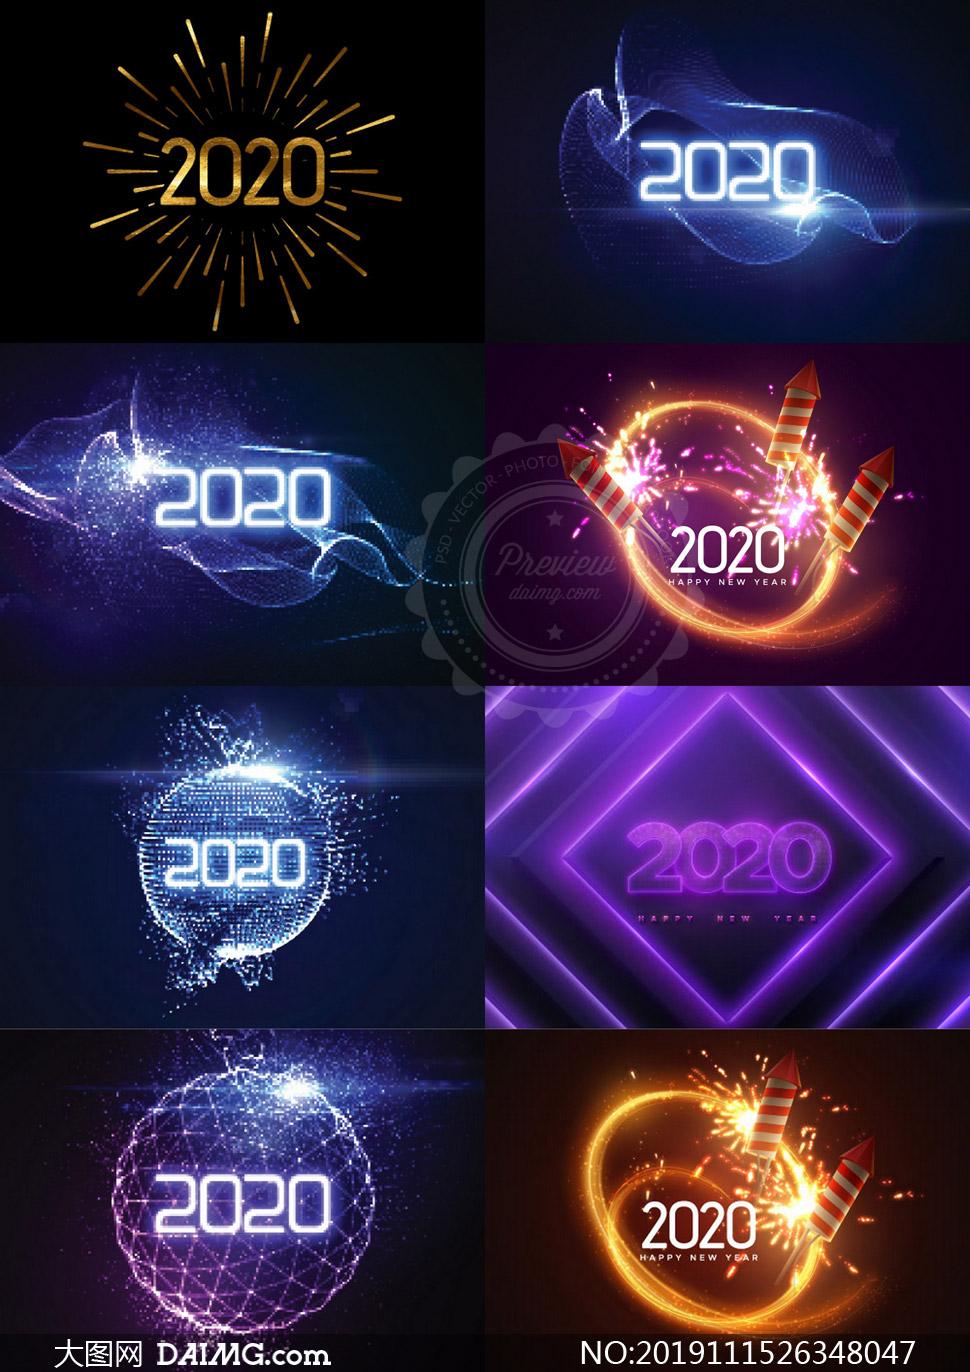 光效球体与烟花等新年主题矢量素材